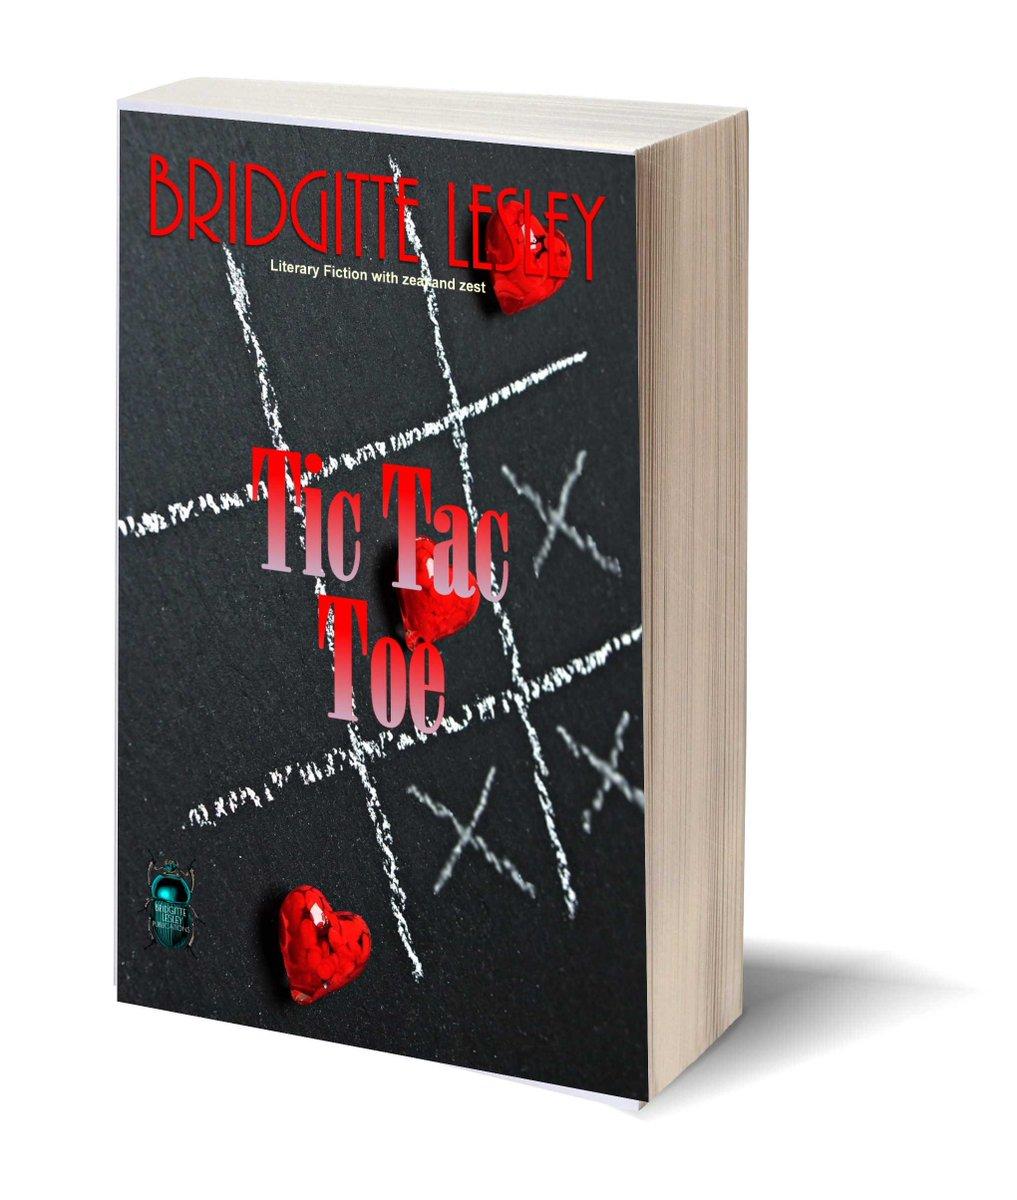 """One slight move and everything changes!  ★TIC TAC TOE★ http://smashwords.com/books/view/1021974?ref=bridgittelesley…      #ASMSG """"@BridgitteLesley #BYNR pic.twitter.com/dZKijOWCJX """"#IARTG http://bridgittelesley.wordpress.com/"""